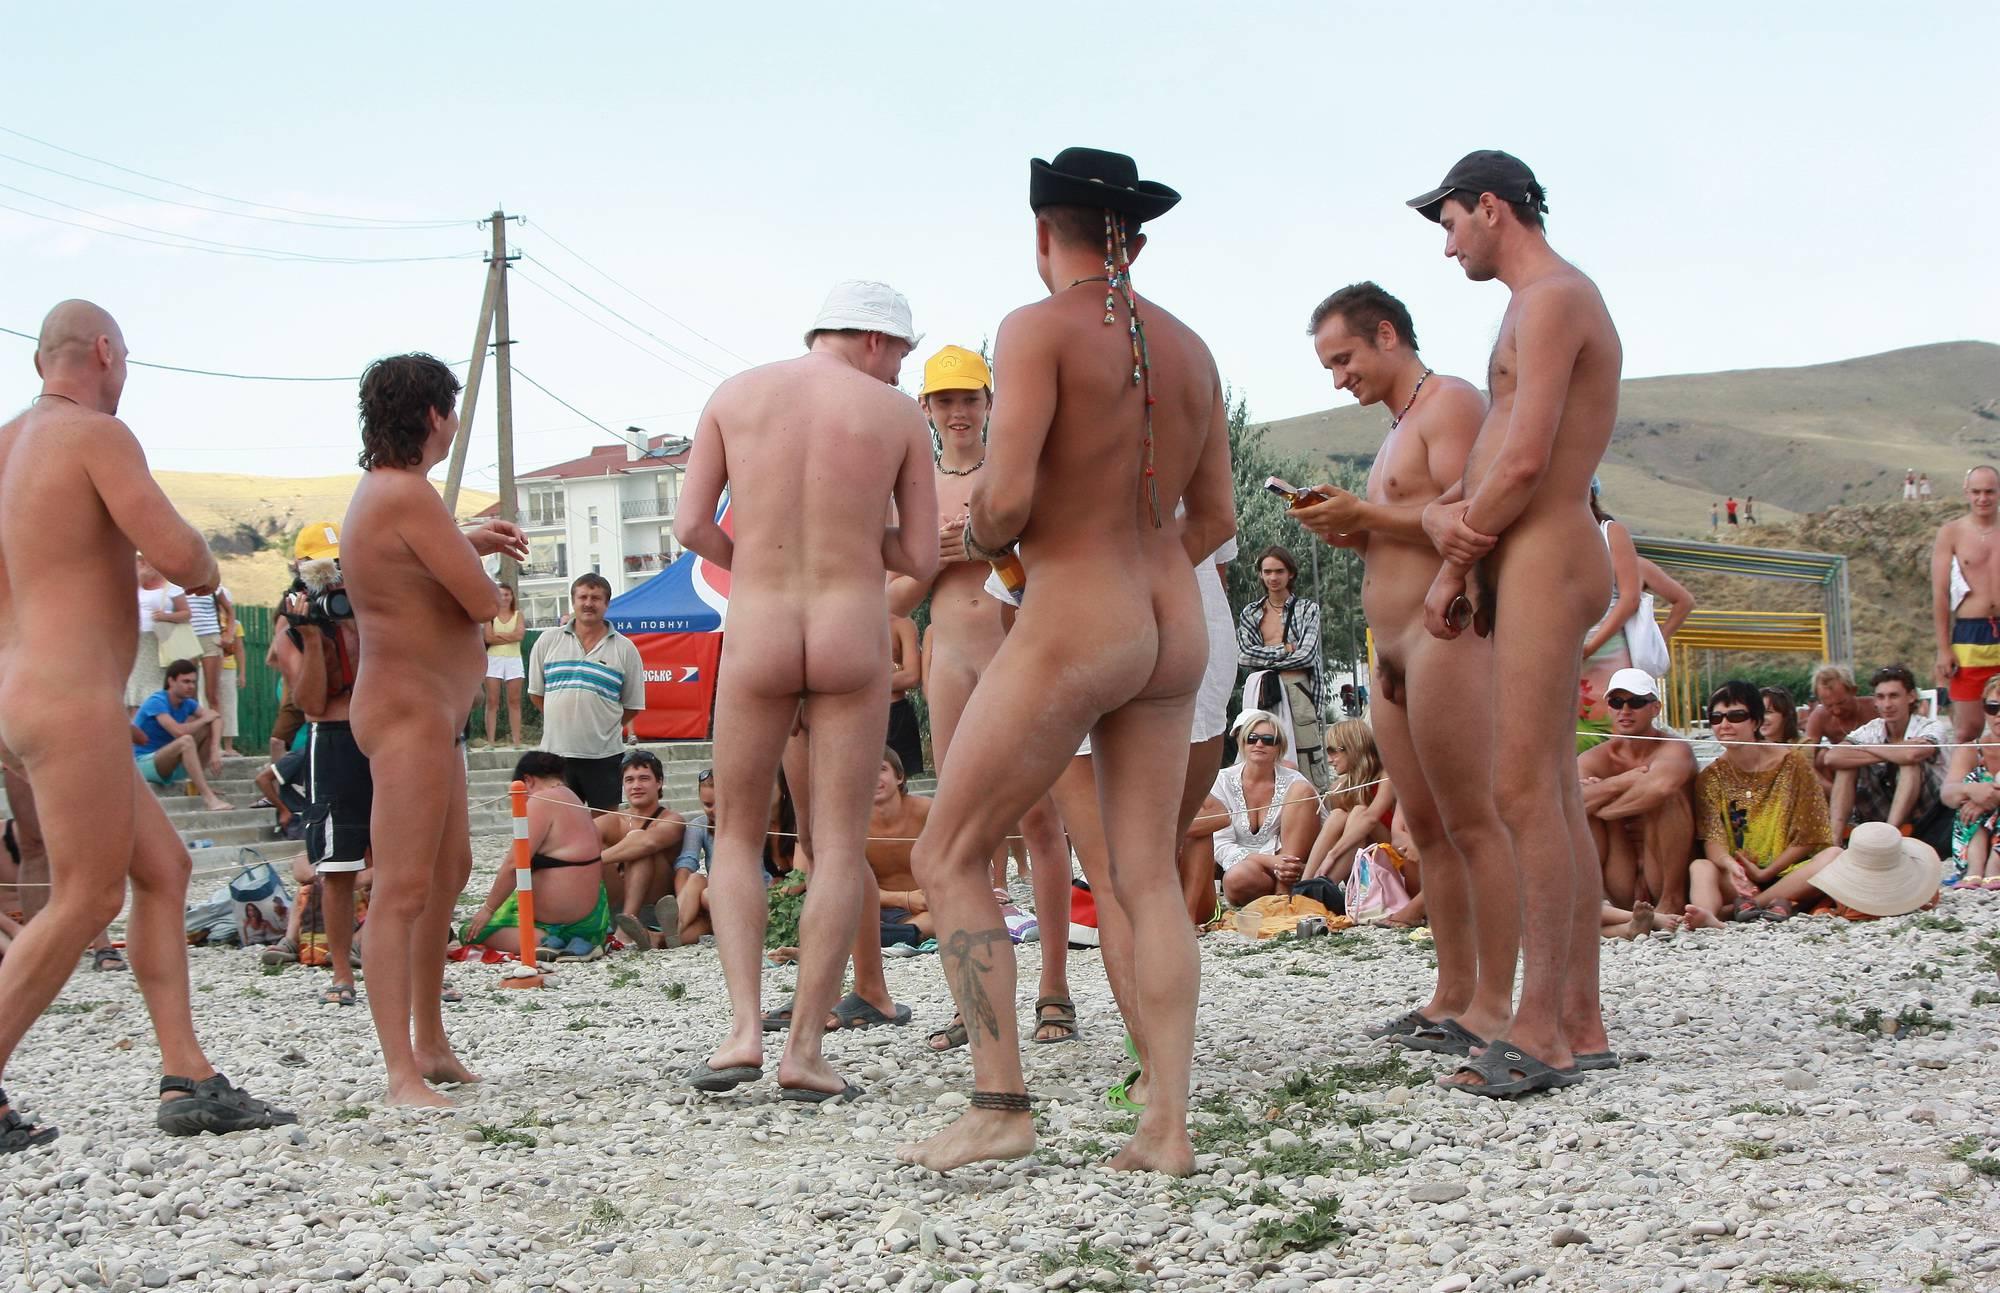 Pure Nudism Photos-Ukrainian Day Assortment - 3